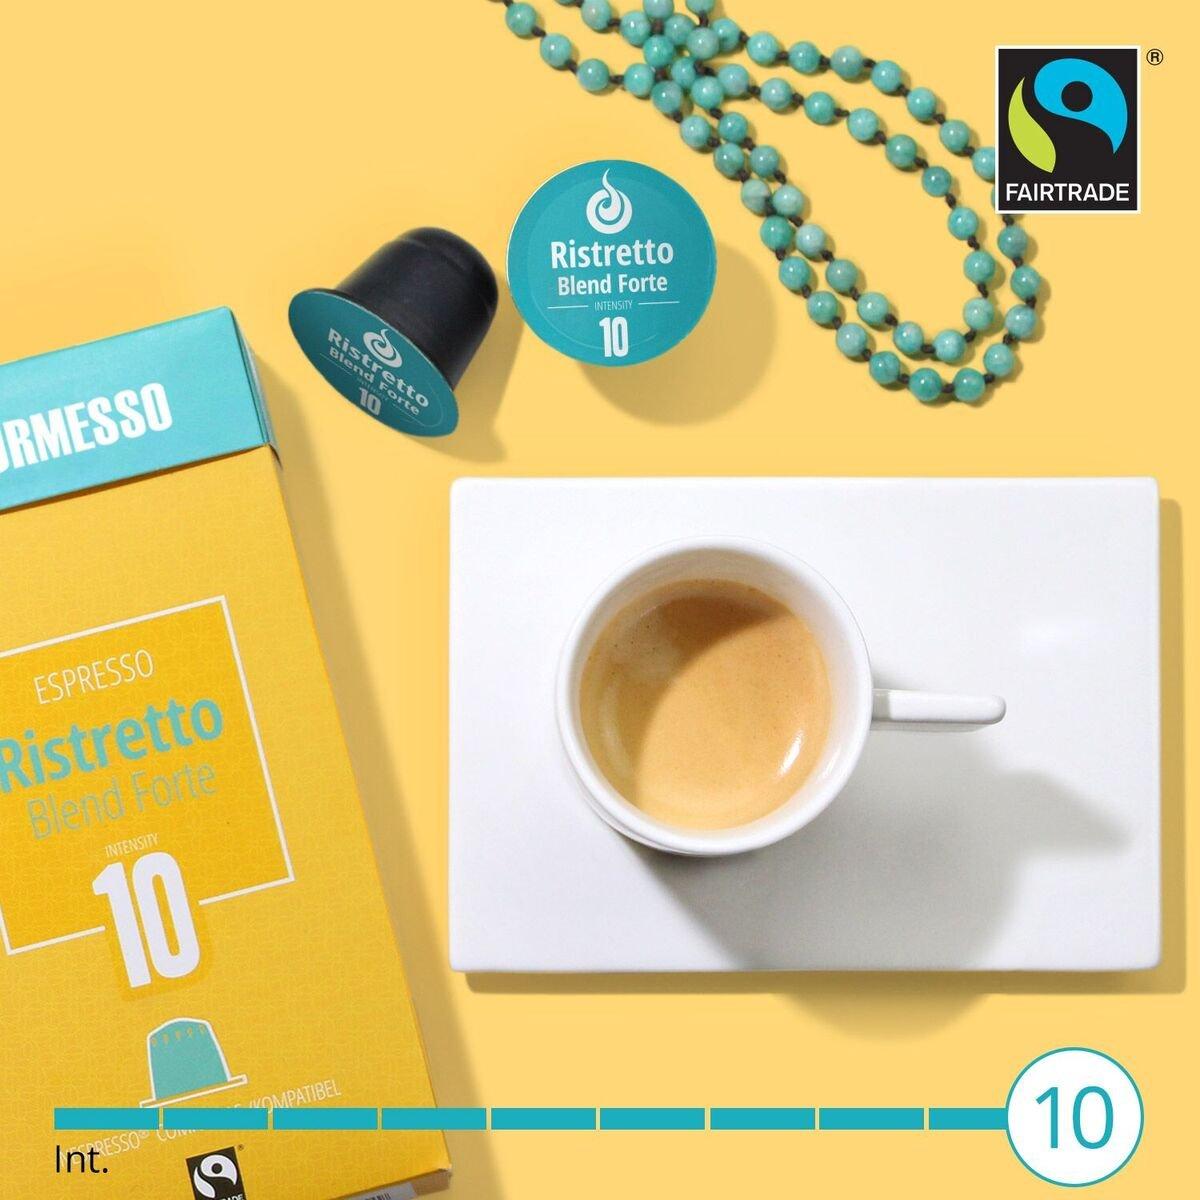 Gourmesso Ristretto Blend Forte (10 Capsulas): Amazon.es: Alimentación y bebidas